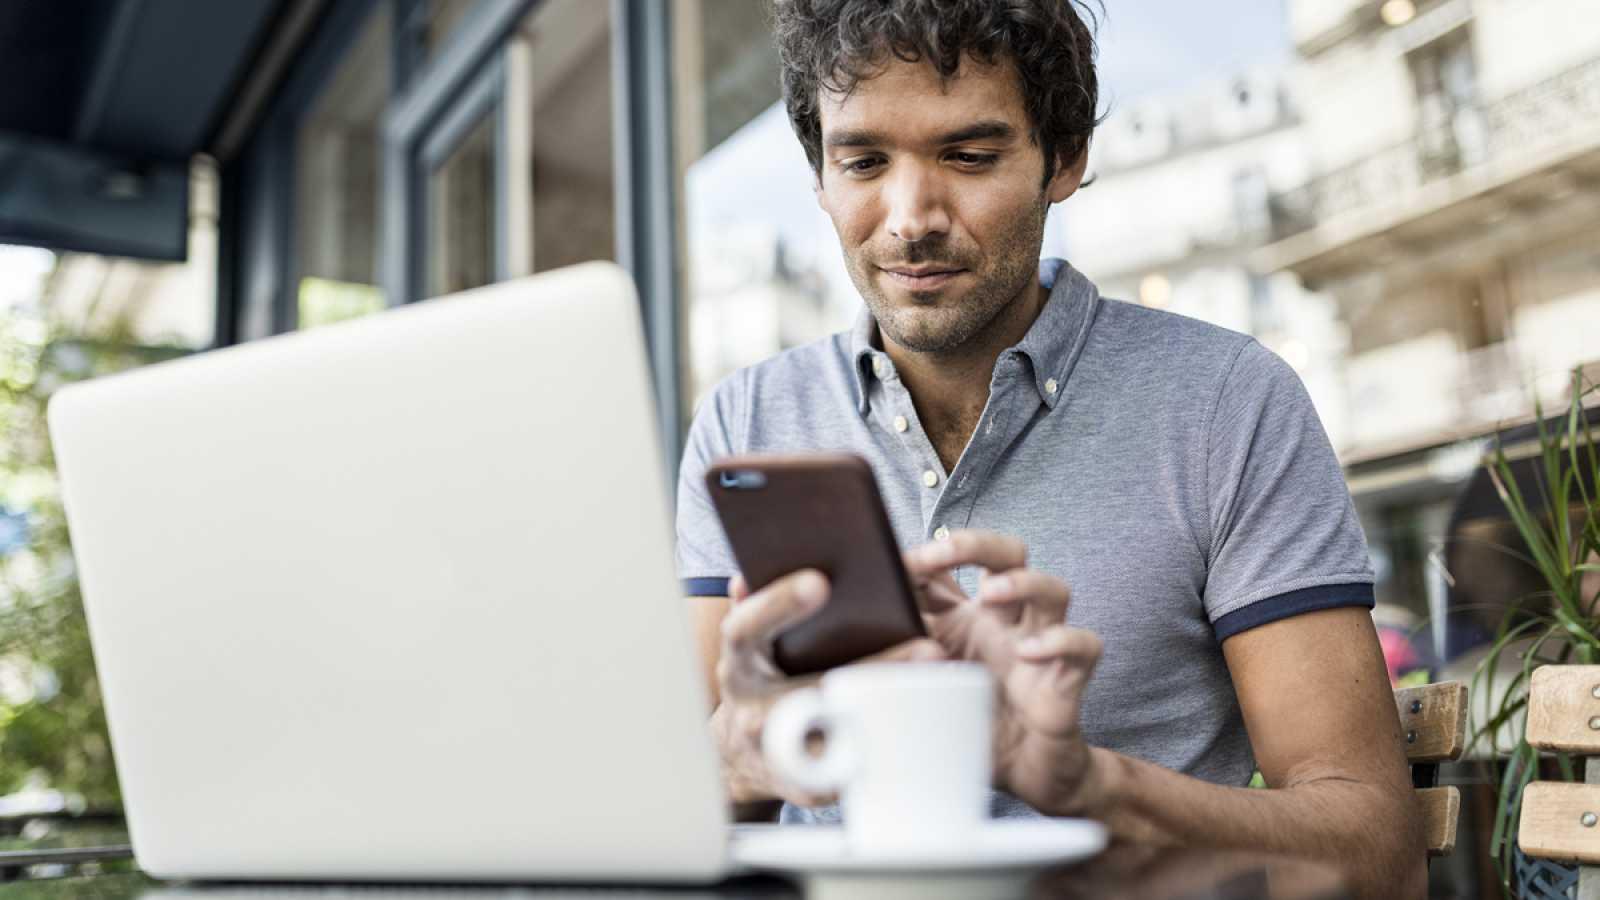 Un hombre trabaja con su ordenador y su teléfono móvil desde una cafetería.